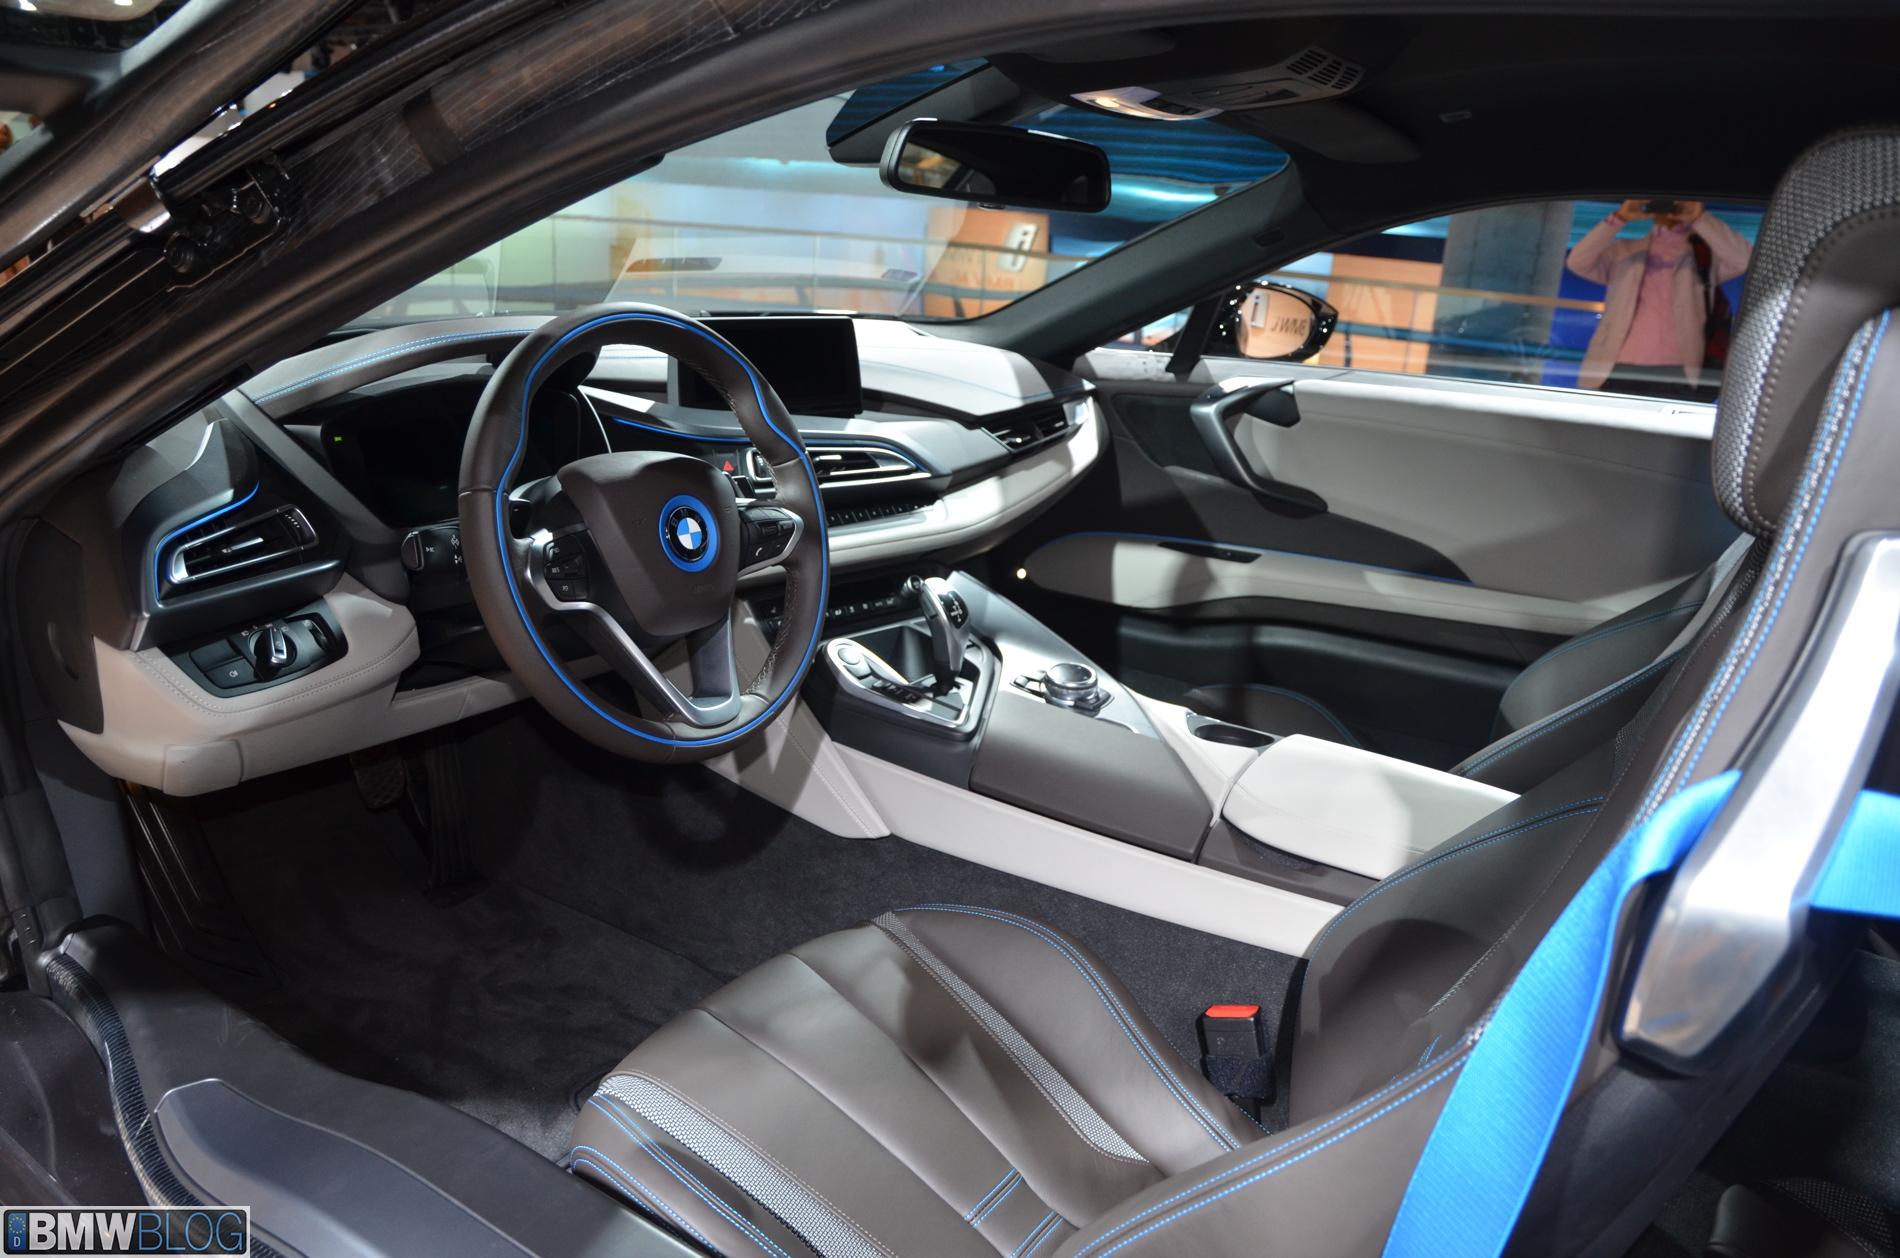 New Bmw I8 Photos From 2013 Frankfurt Auto Show